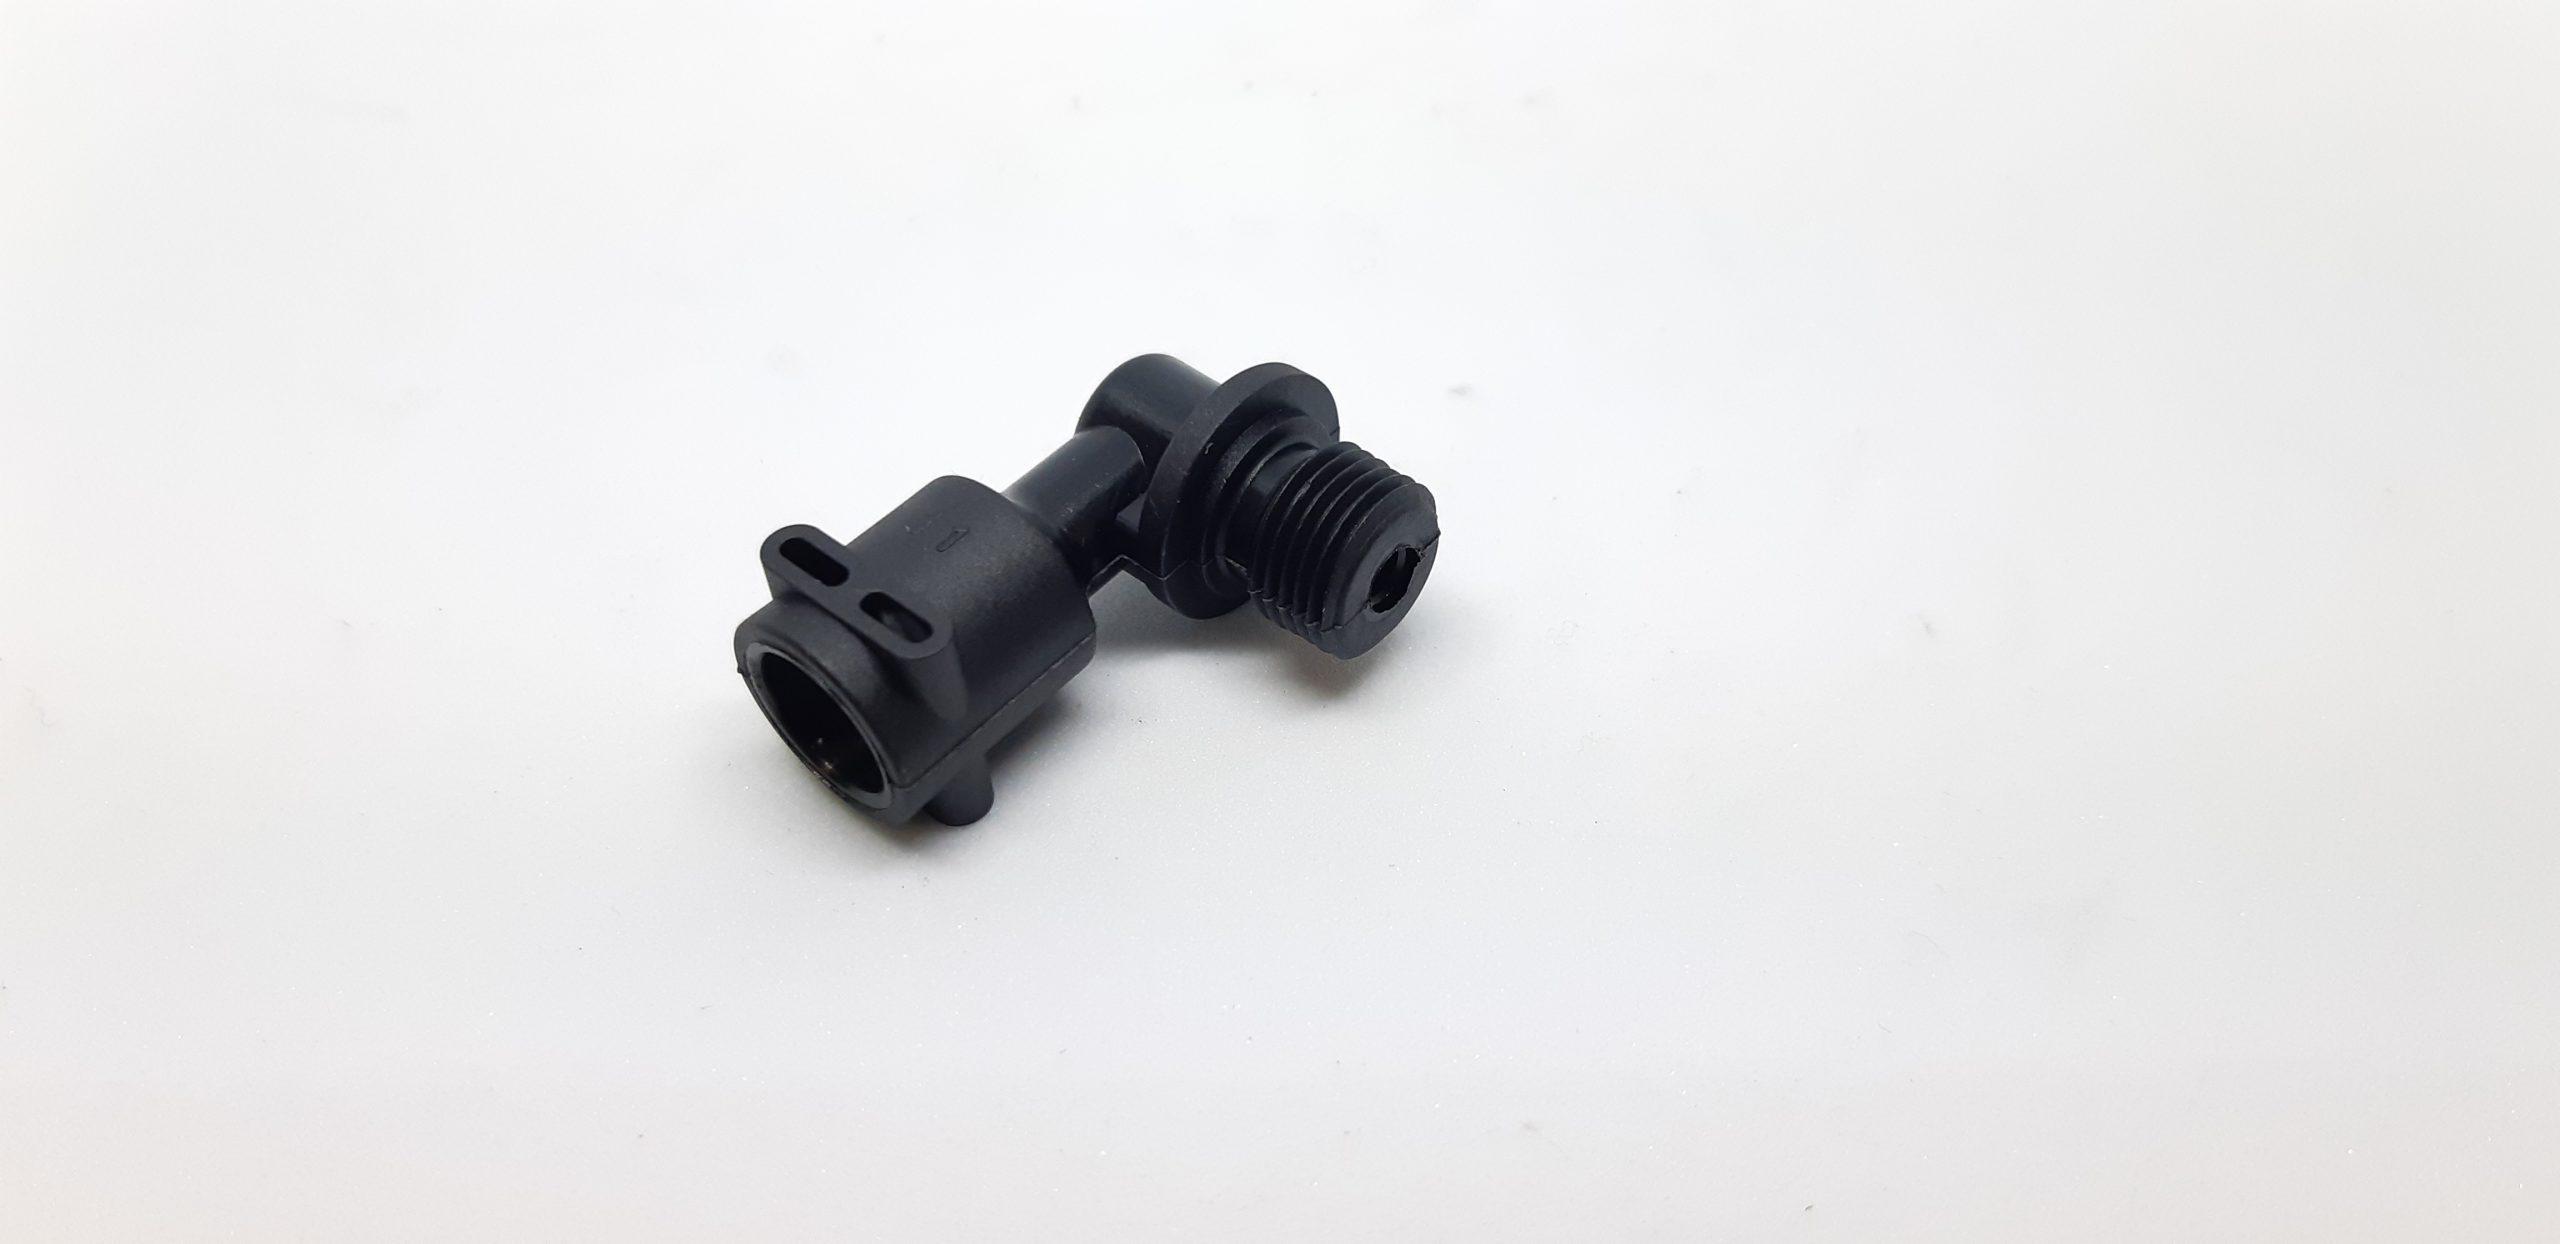 Нипел Г-образен 1/8 х 4мм Delonghi - 5332196900